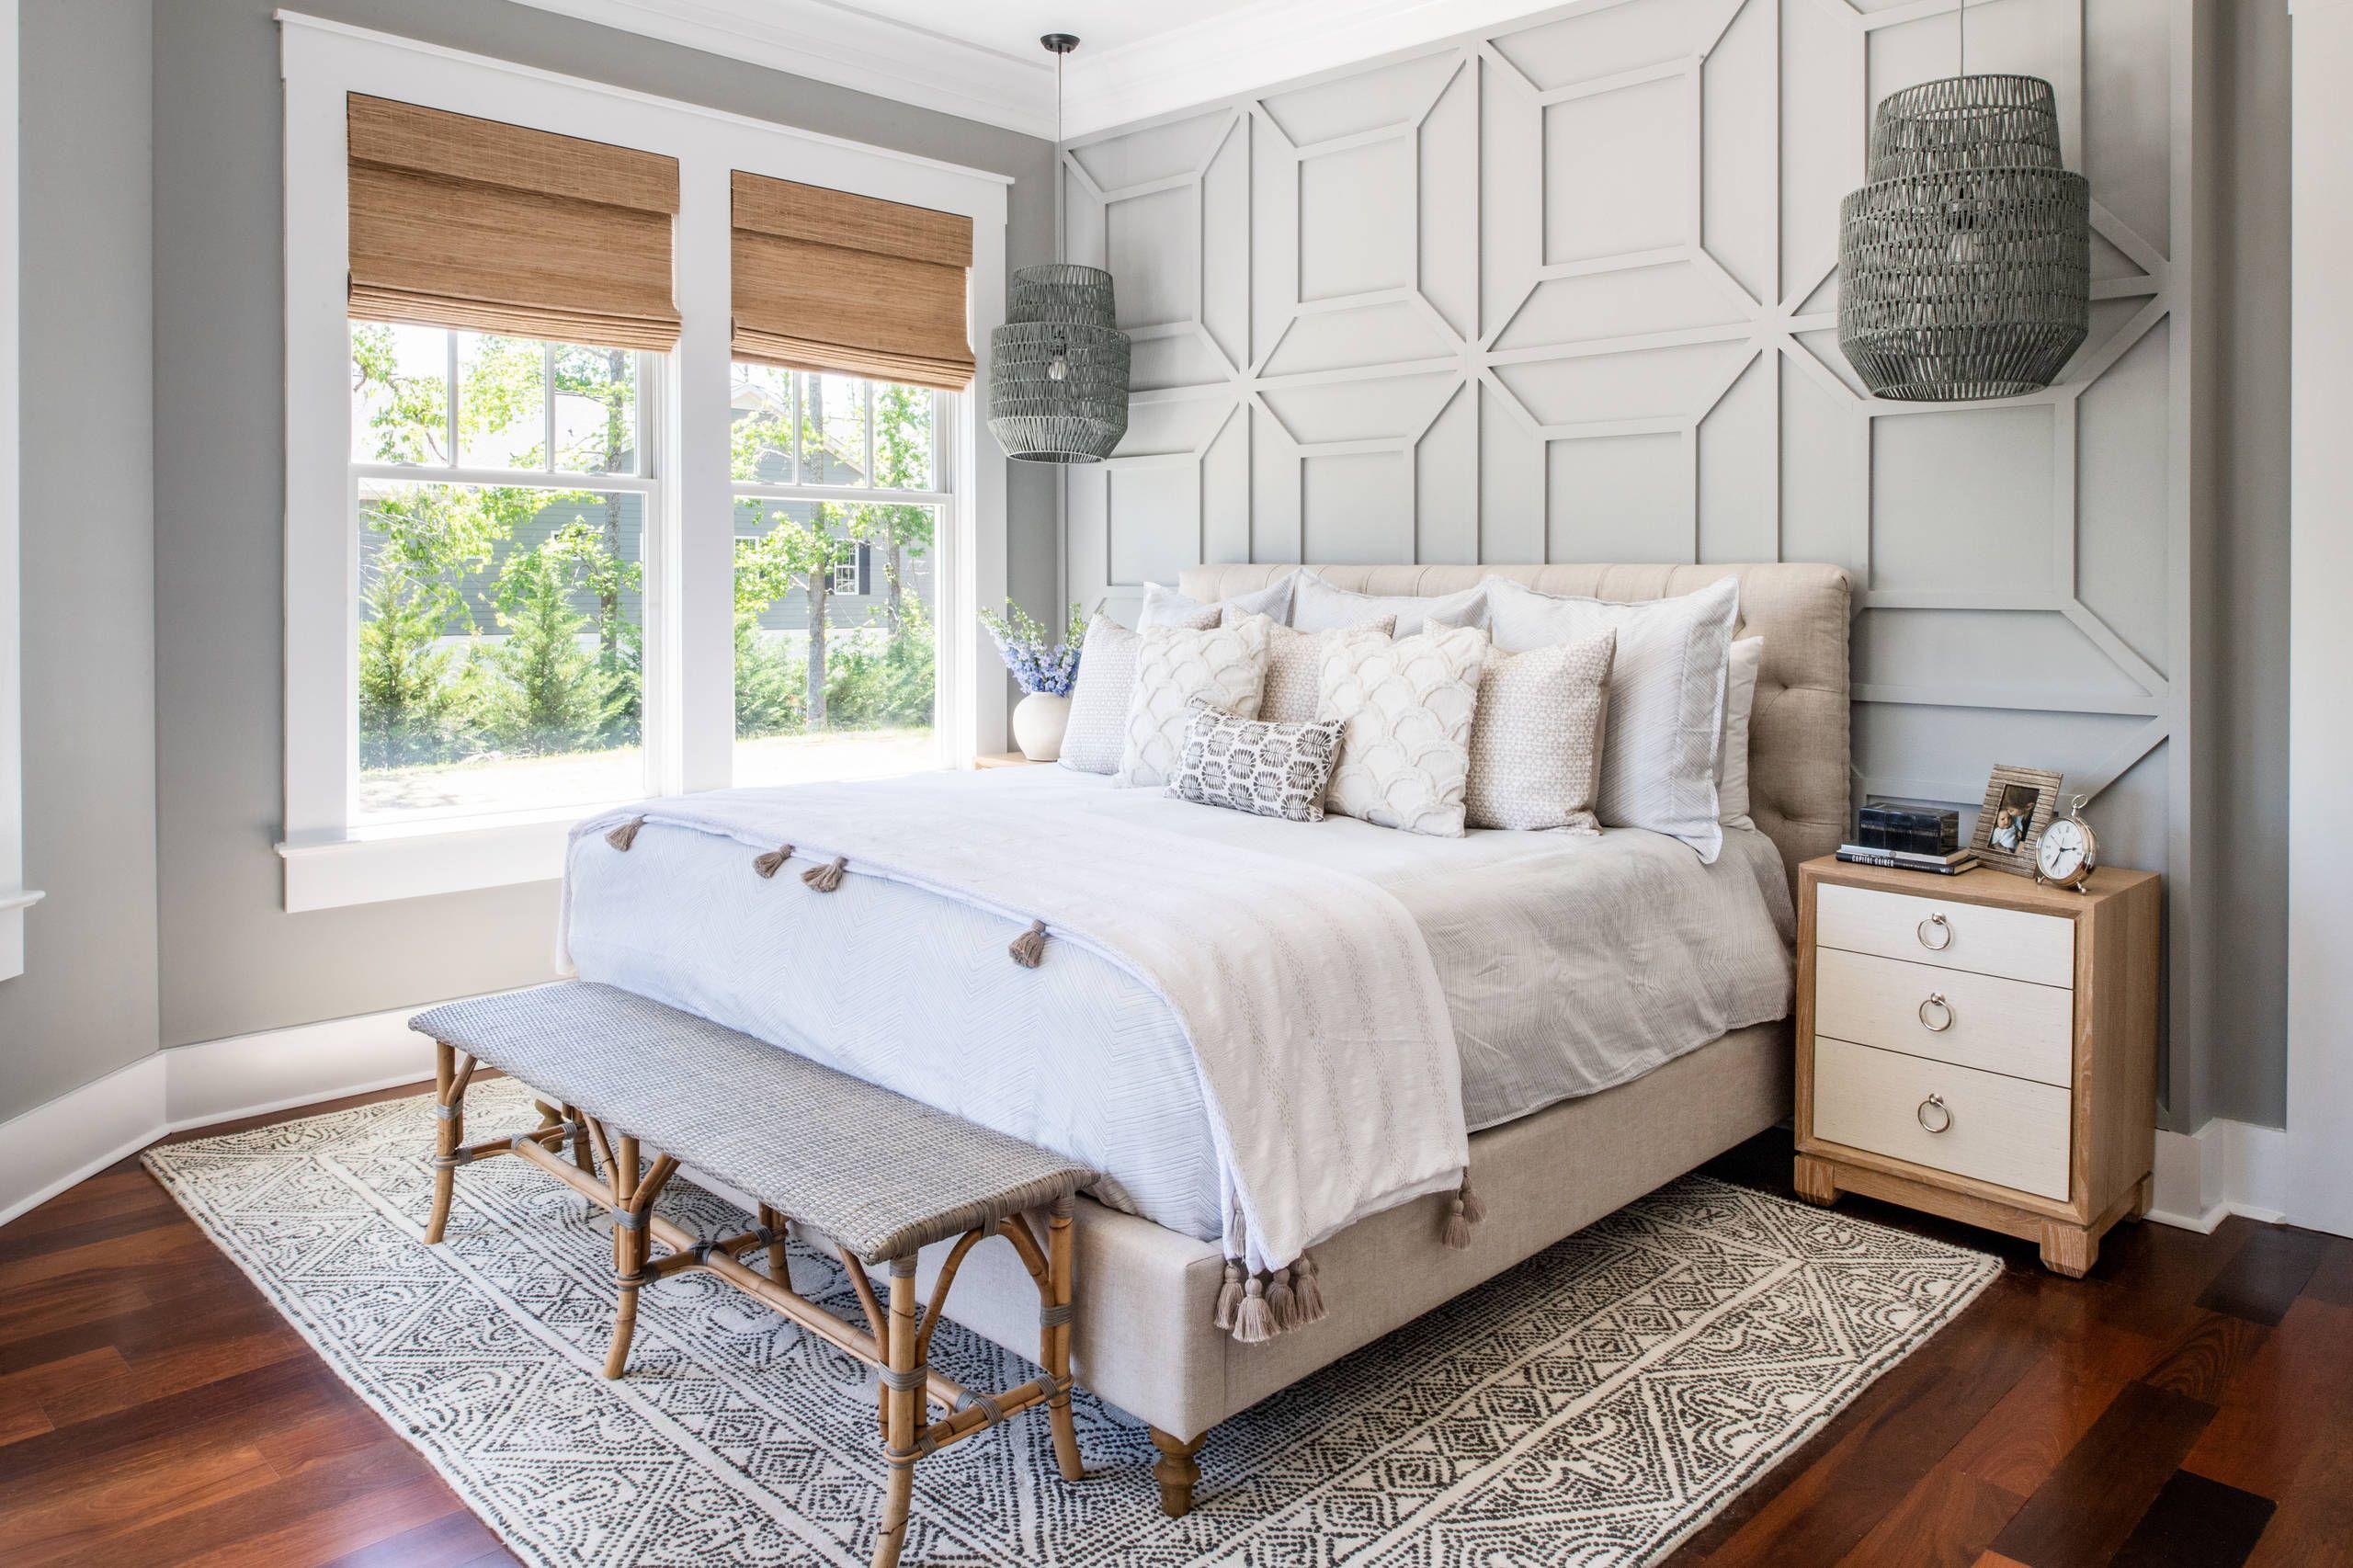 Bedroom Design Ideas Houzz Bedroom Design Interior Design Bedroom Inspirations Bedroom interior design houzz